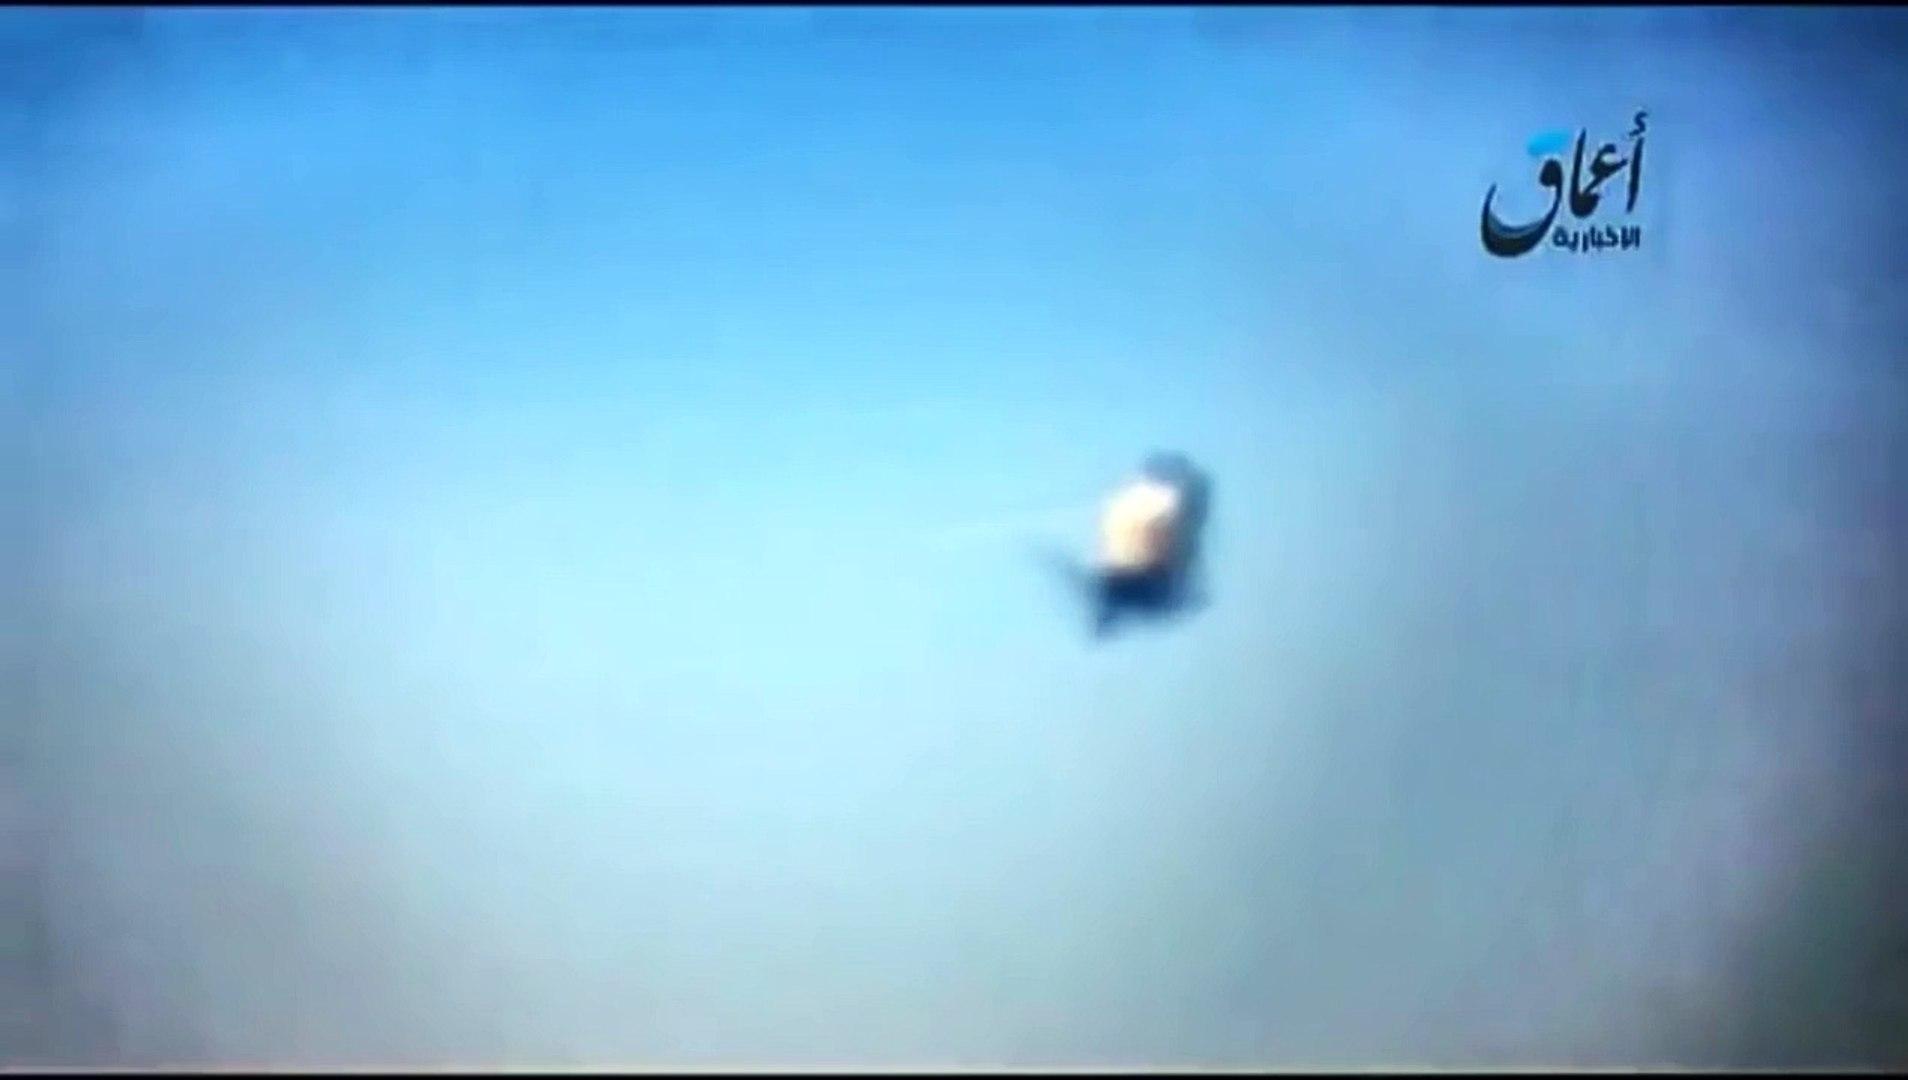 Взрыв исламистами самолета Airbus A321 с российскими пассажирами летевшего из Египта